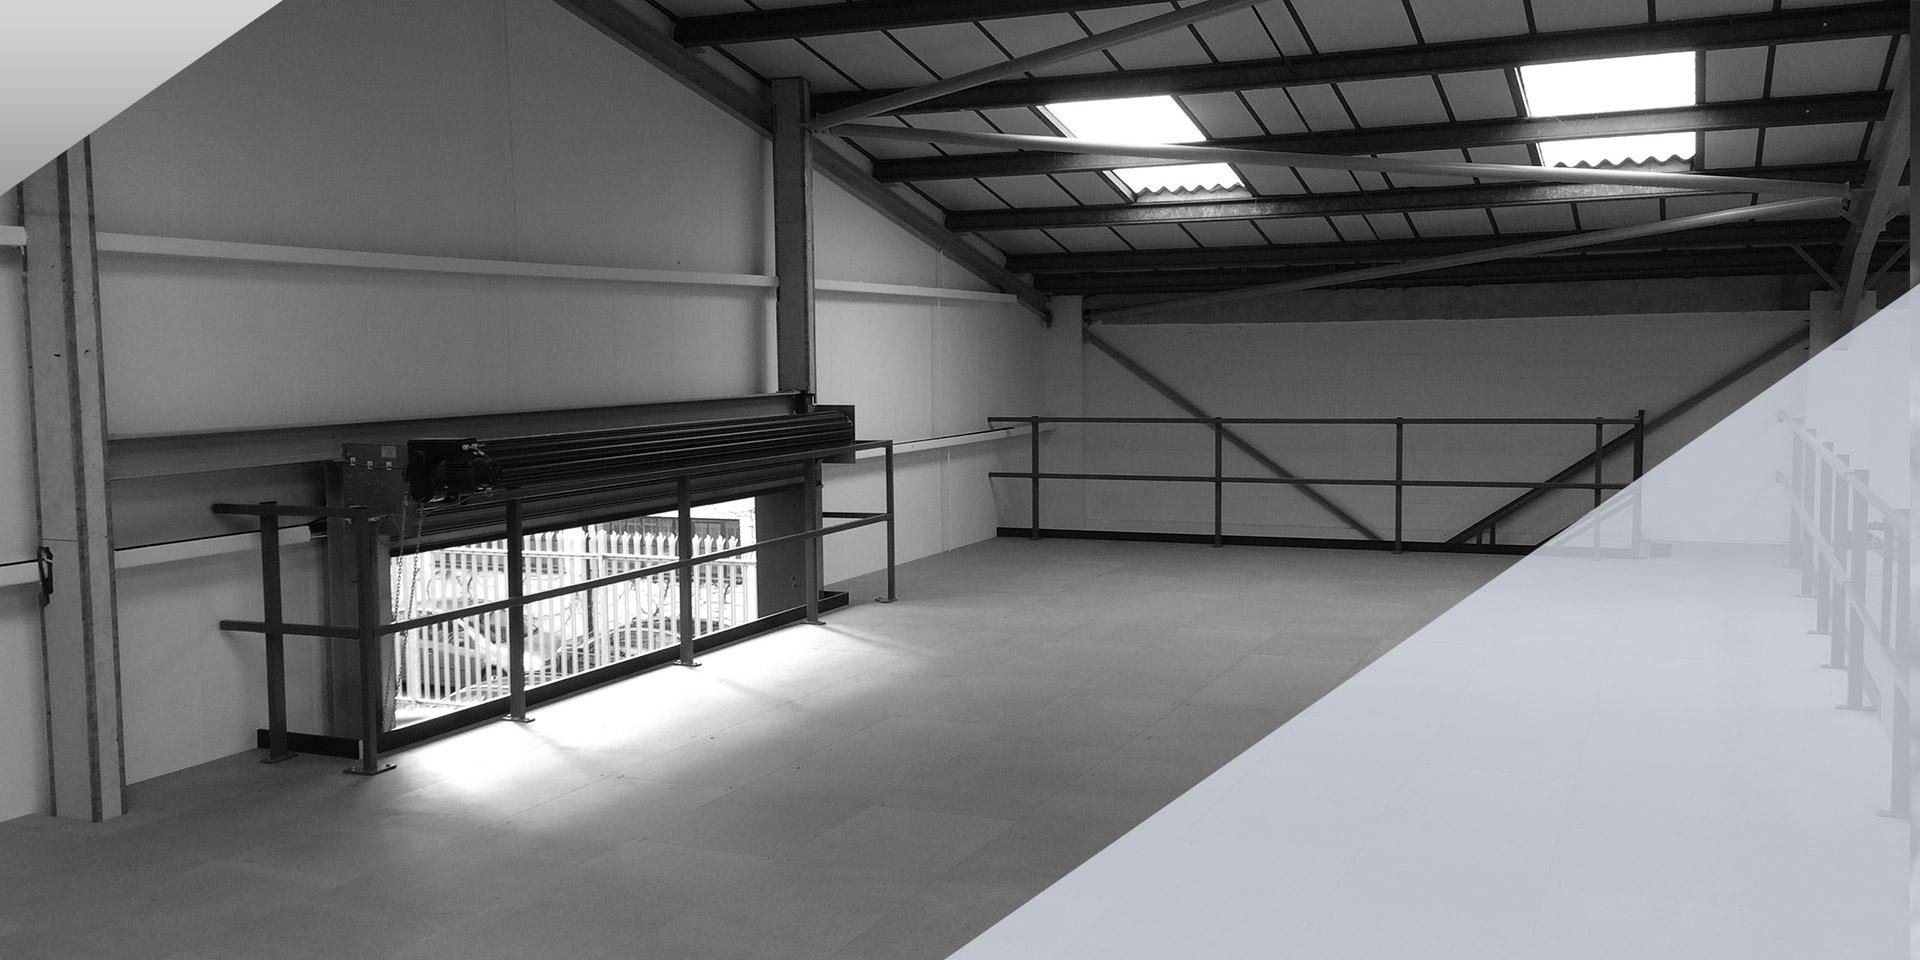 Mezzanine Flooring Midlands